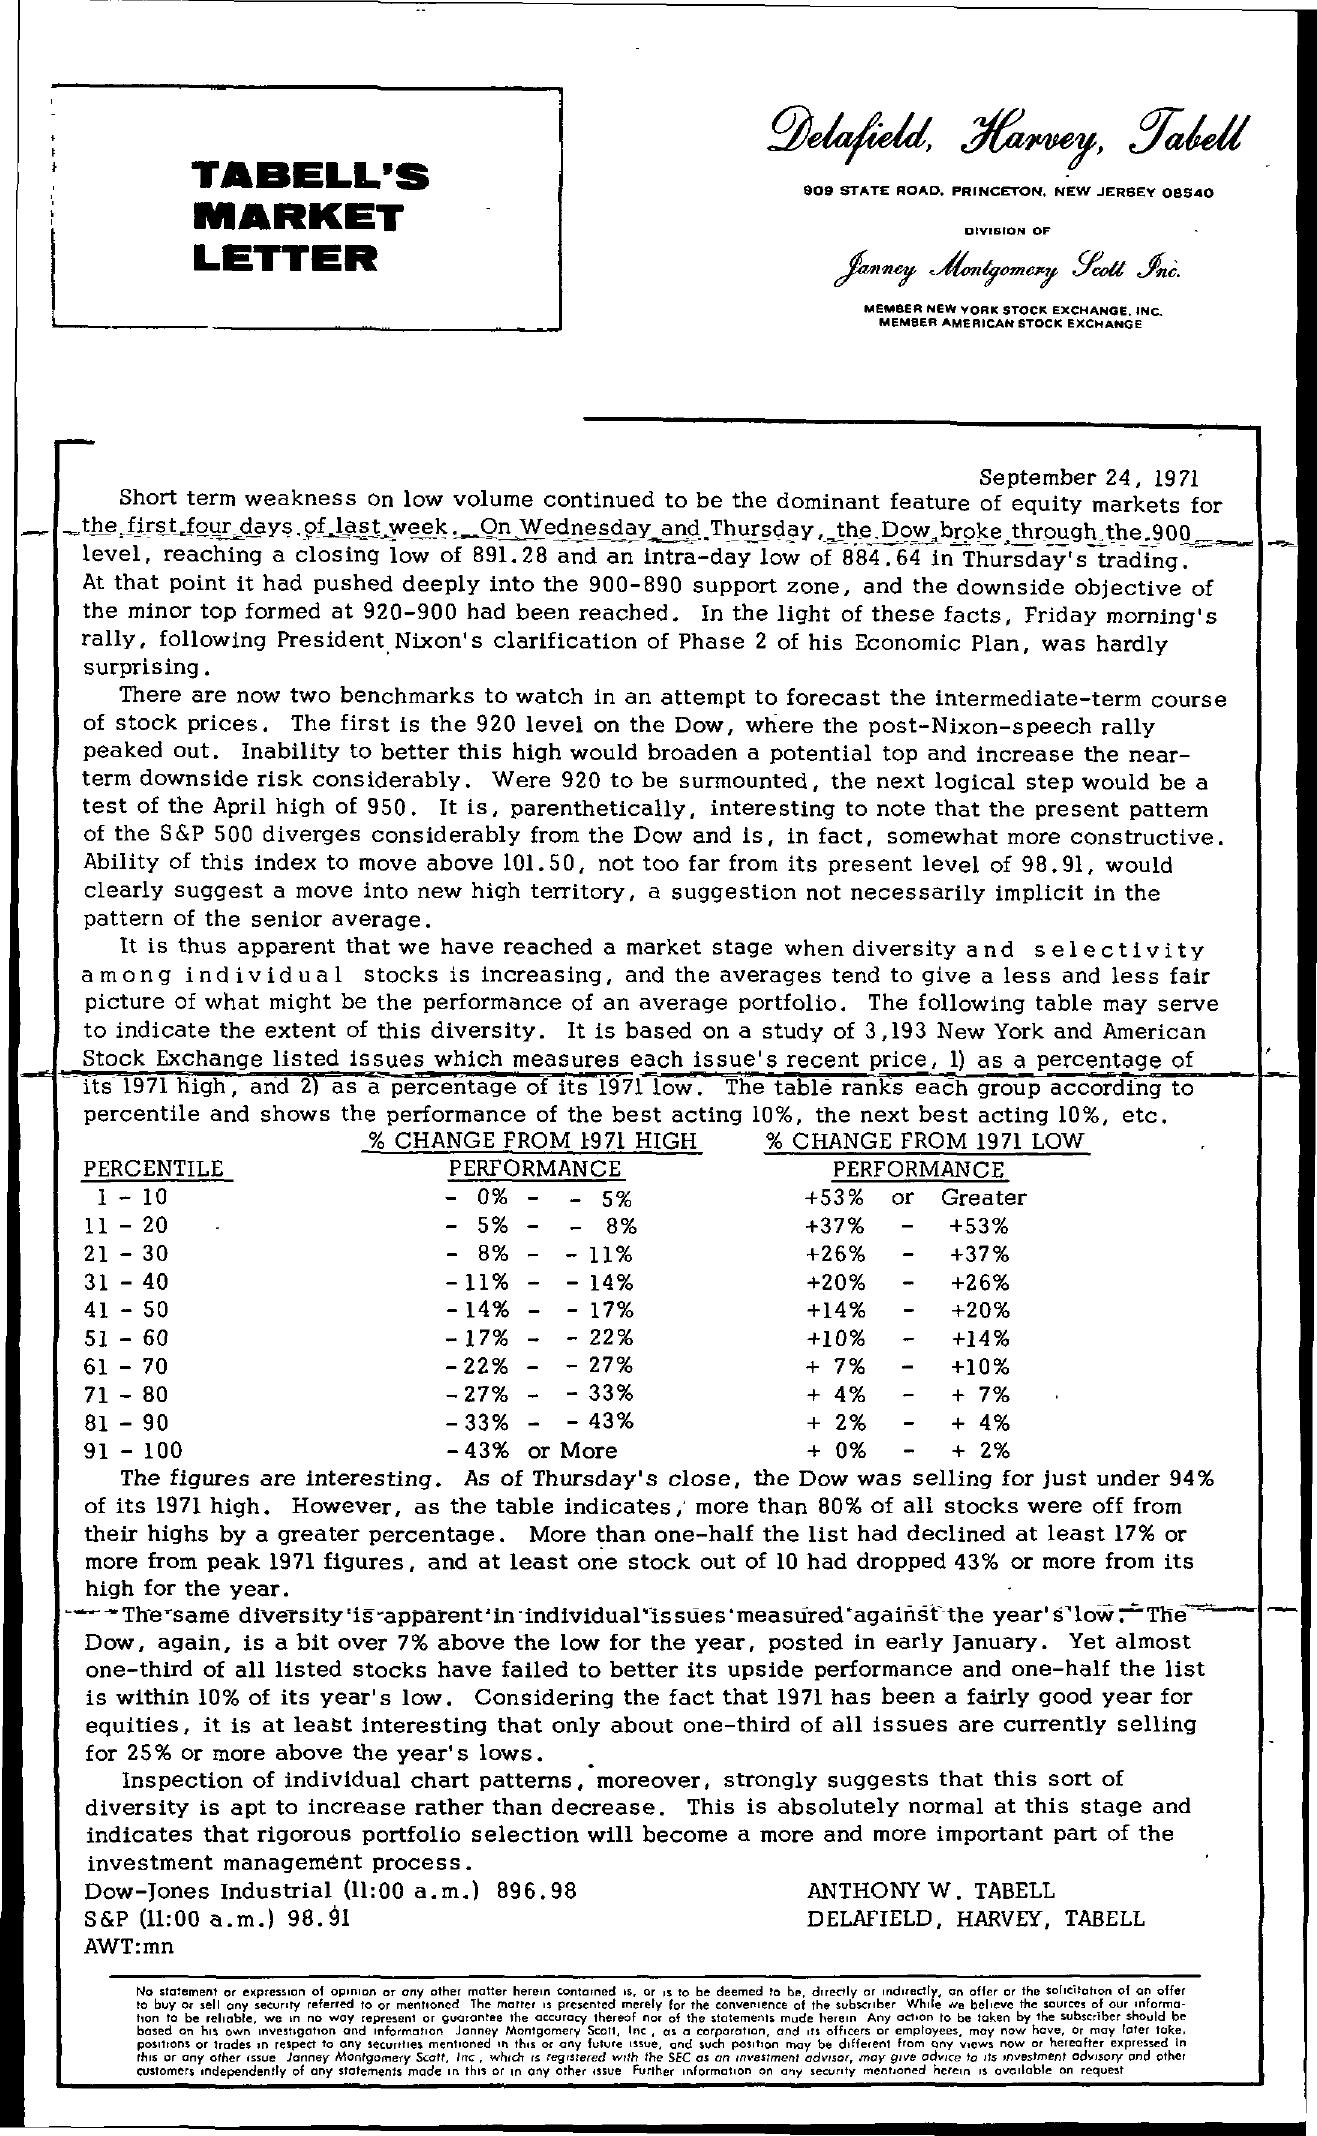 Tabell's Market Letter - September 24, 1971